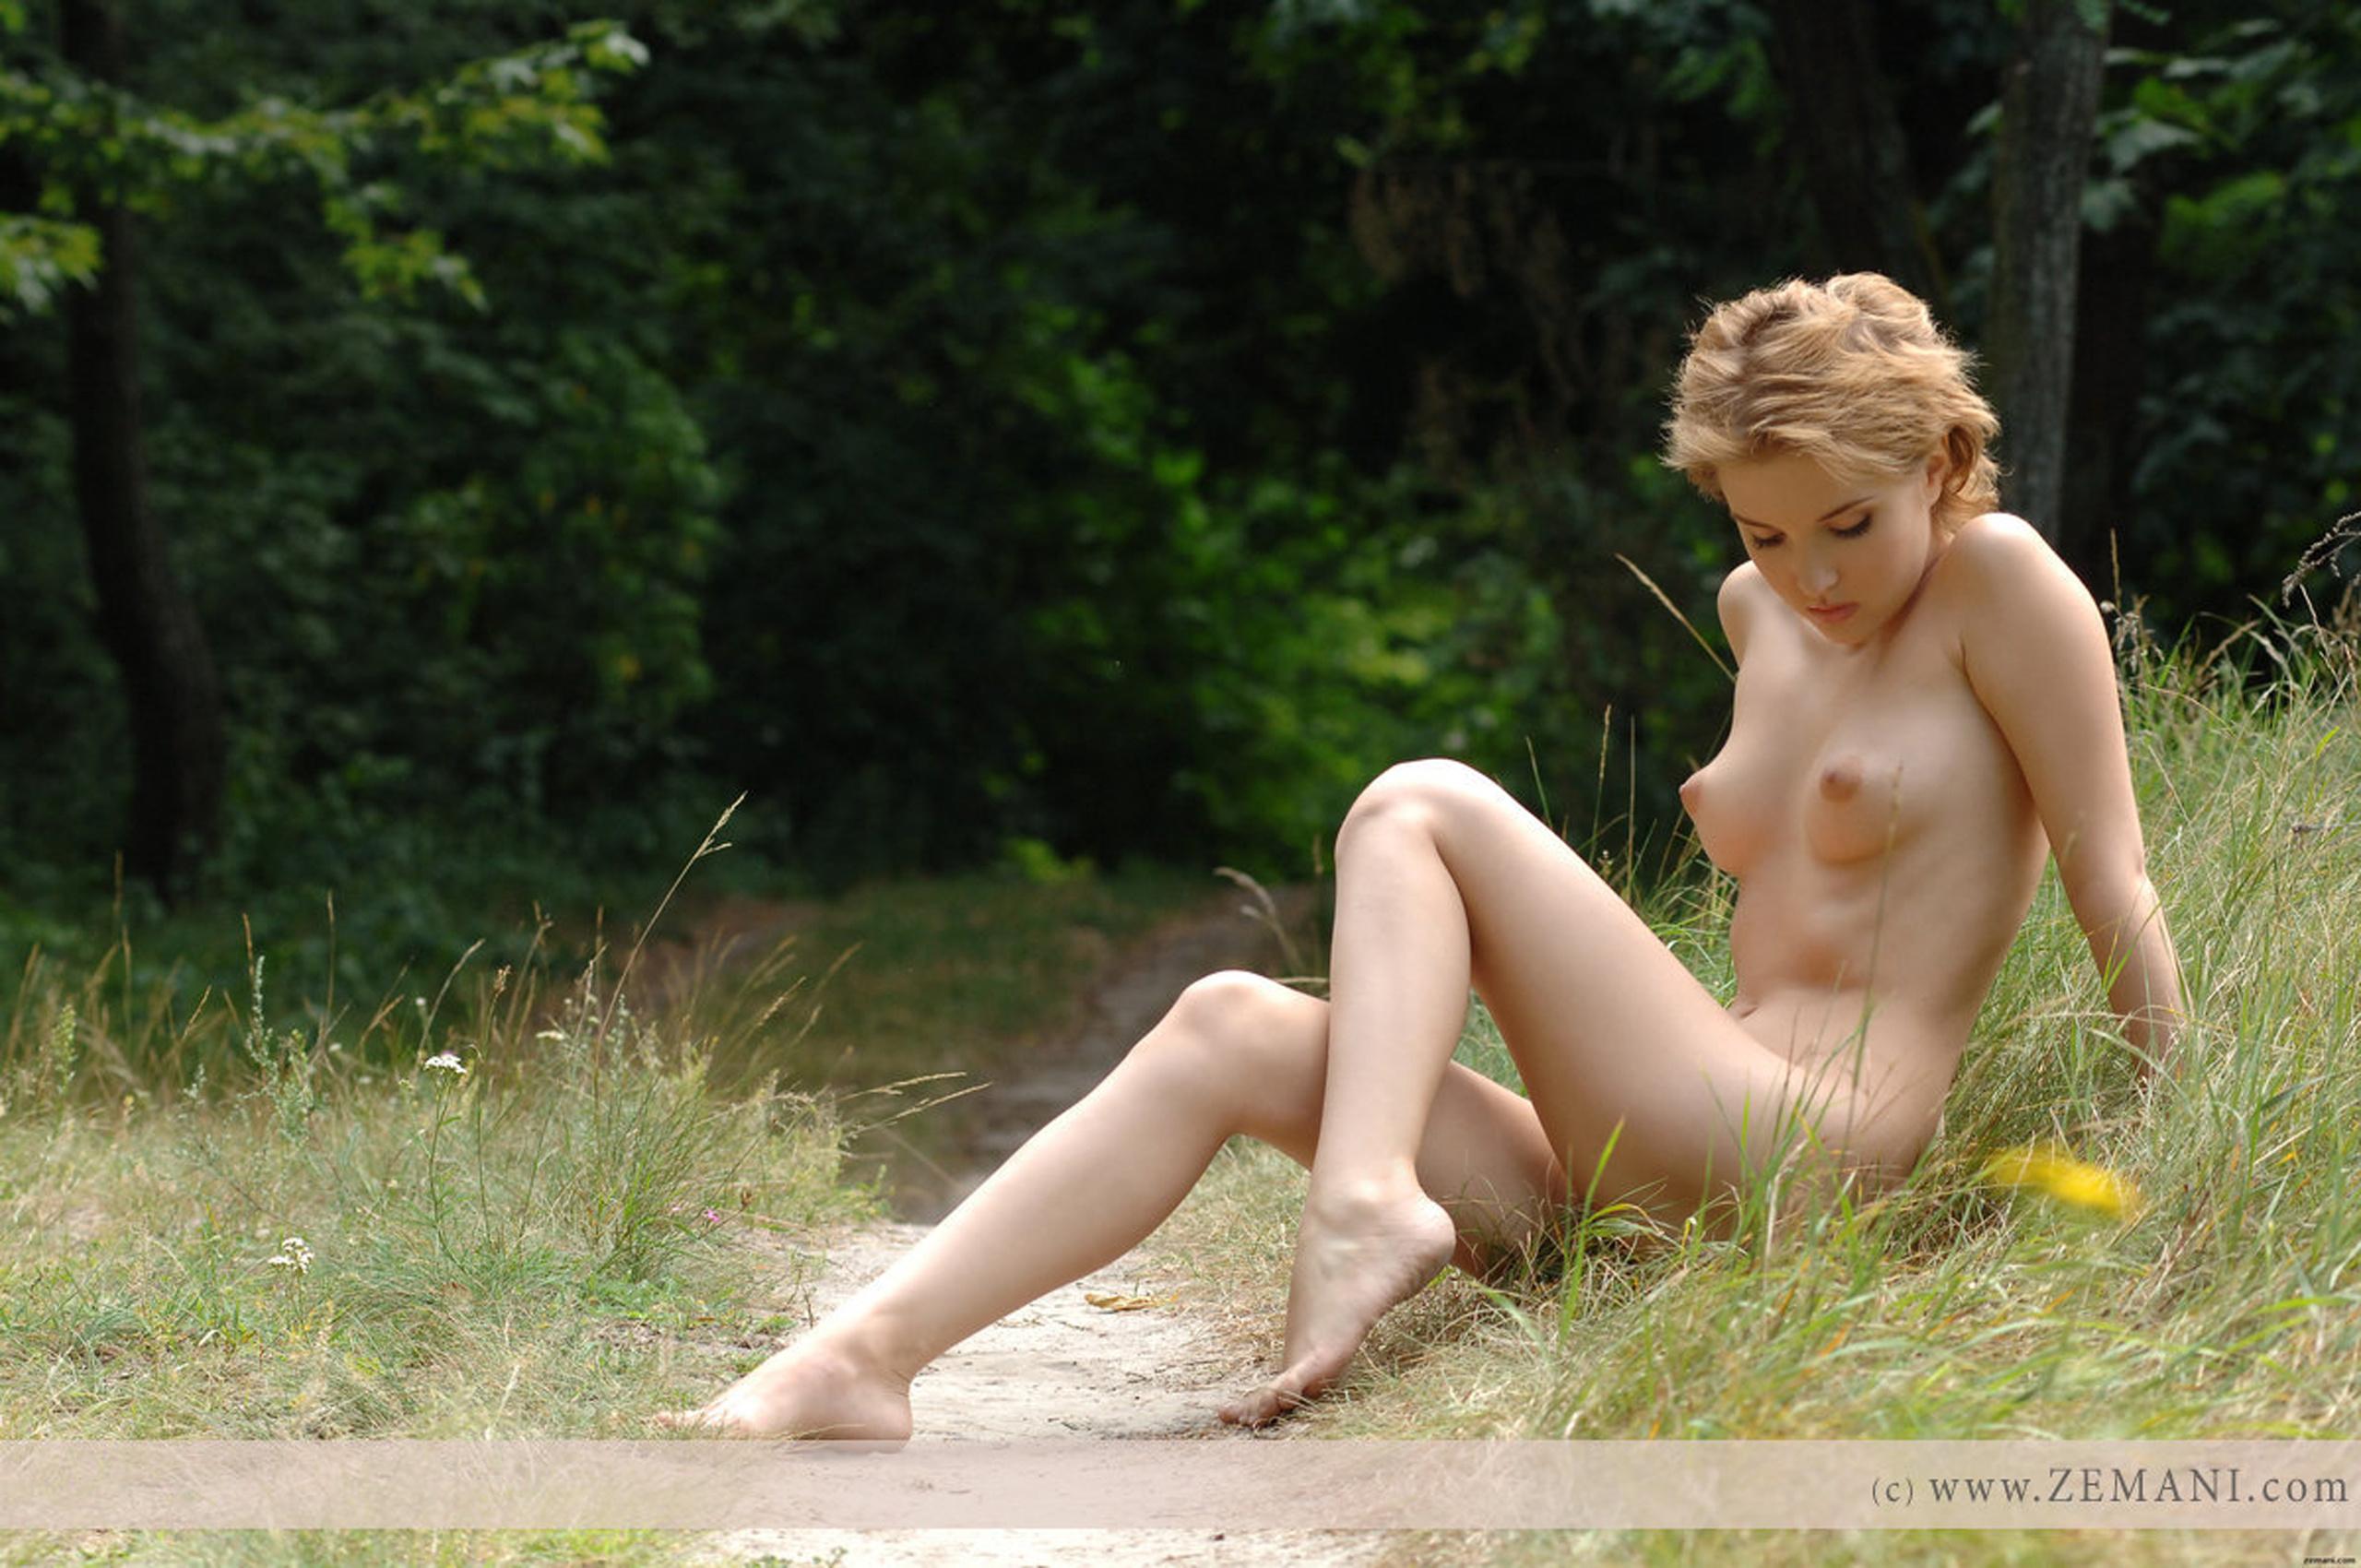 jenni rivera sex tape porn